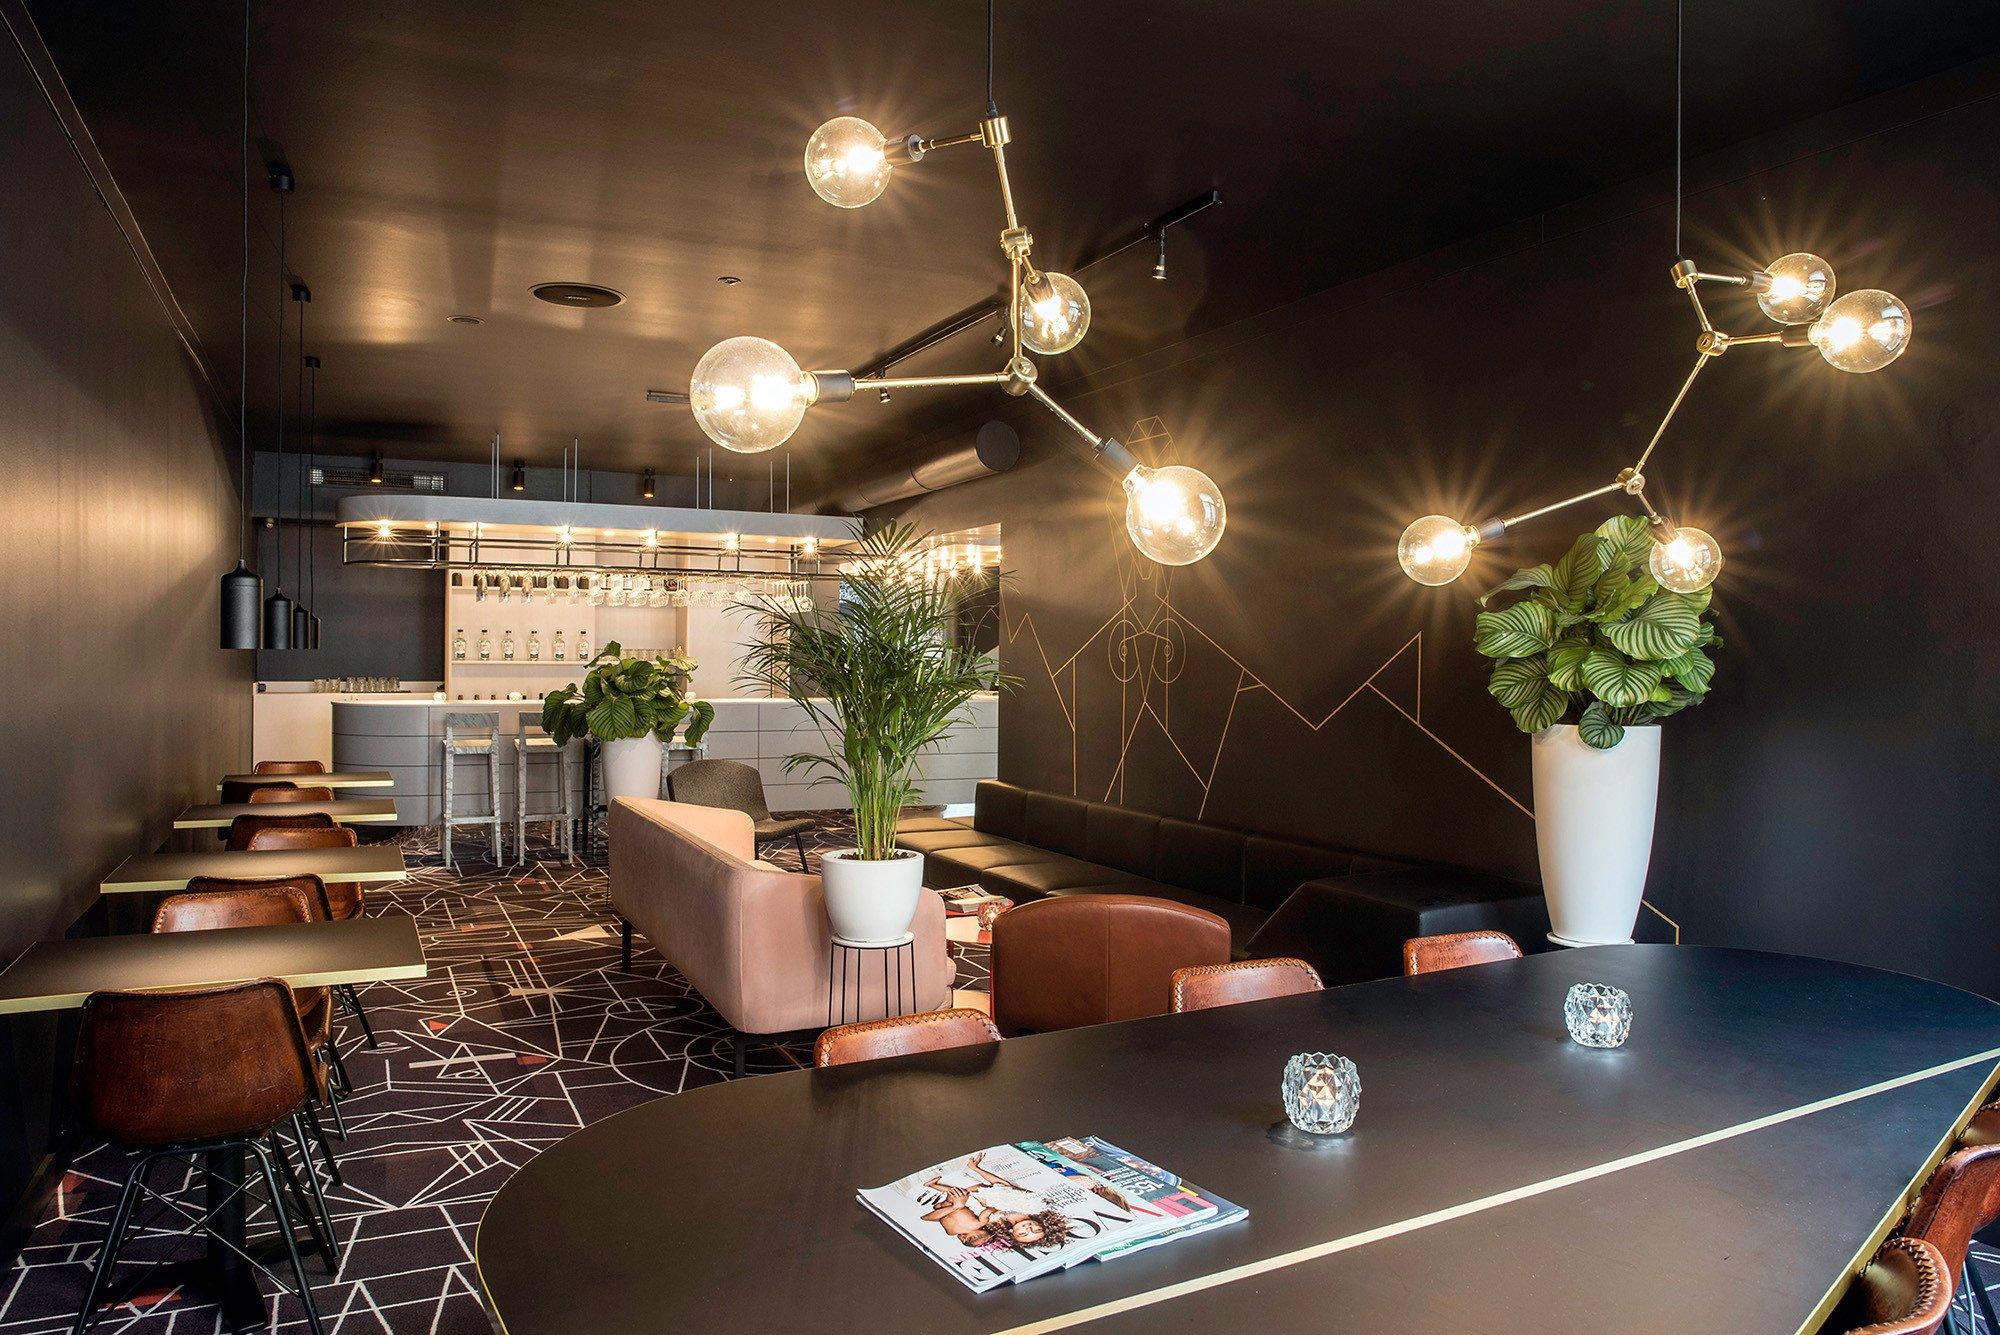 Dagaanbieding - 2 of 3 dagen in 4*-boetiekhotel in Maastricht incl. ontbijt, diner en vele extra's dagelijkse koopjes